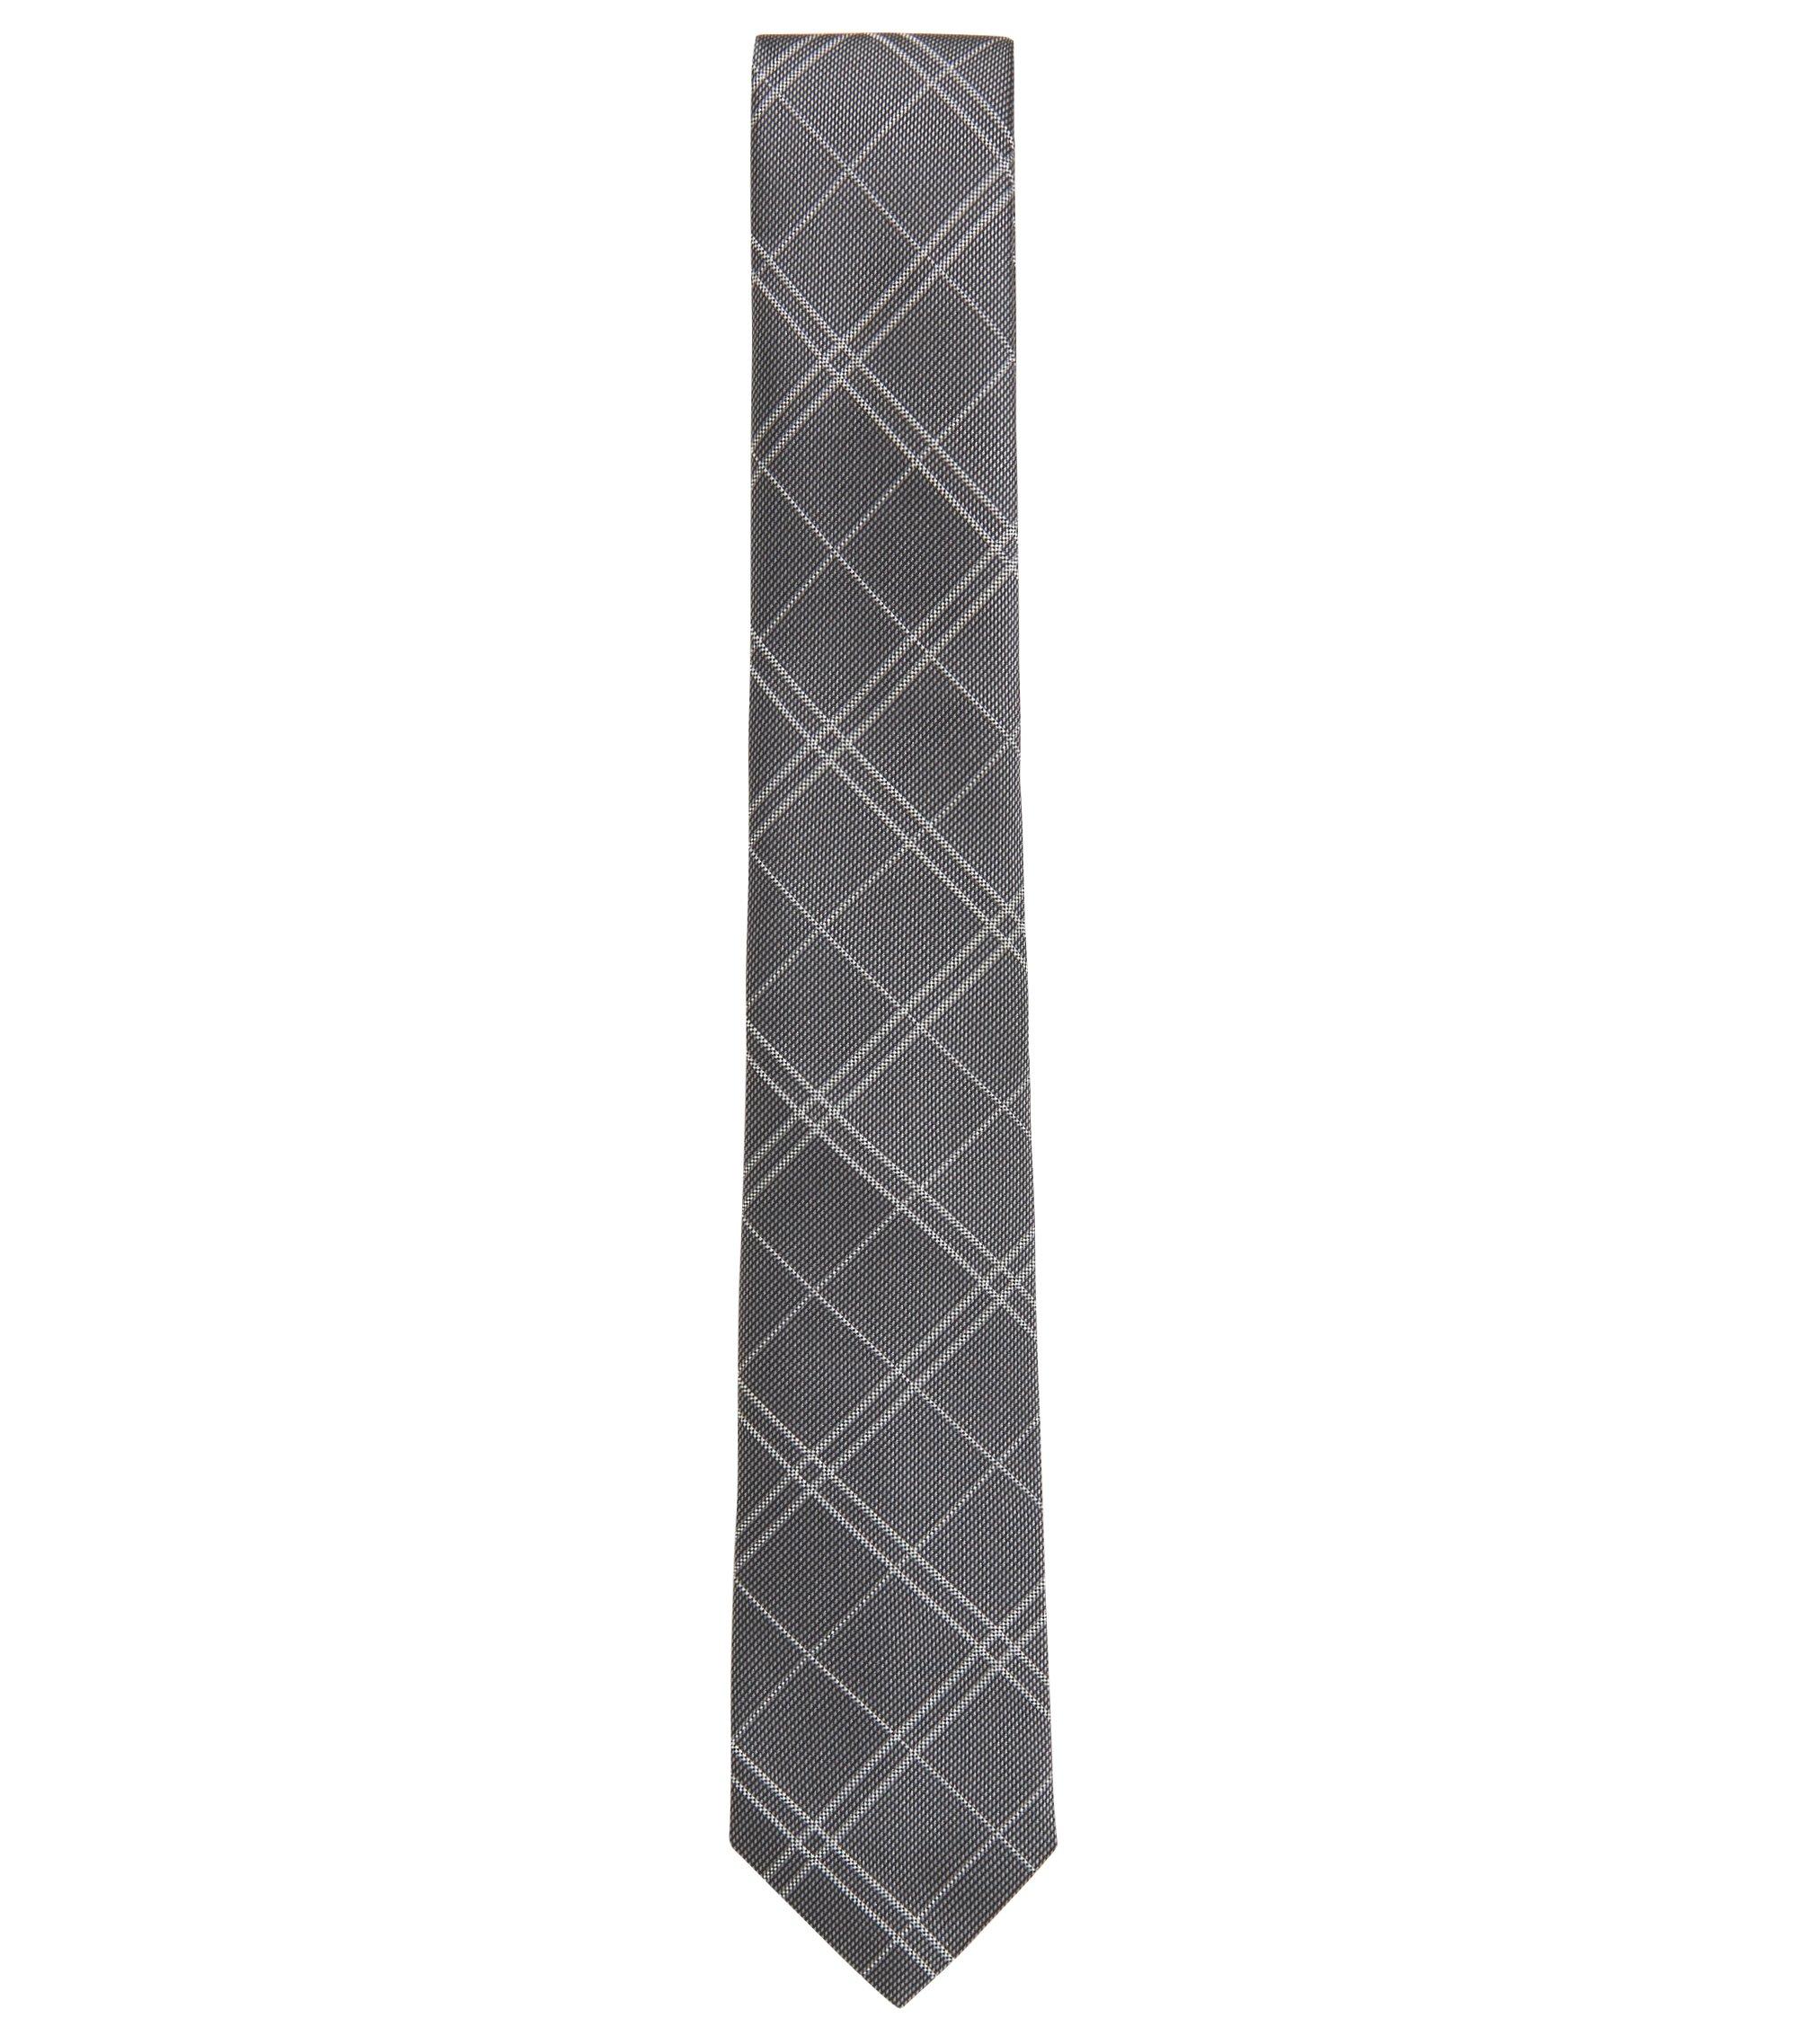 Cravate en jacquard de soie à carreaux, confectionnée à la main, Gris